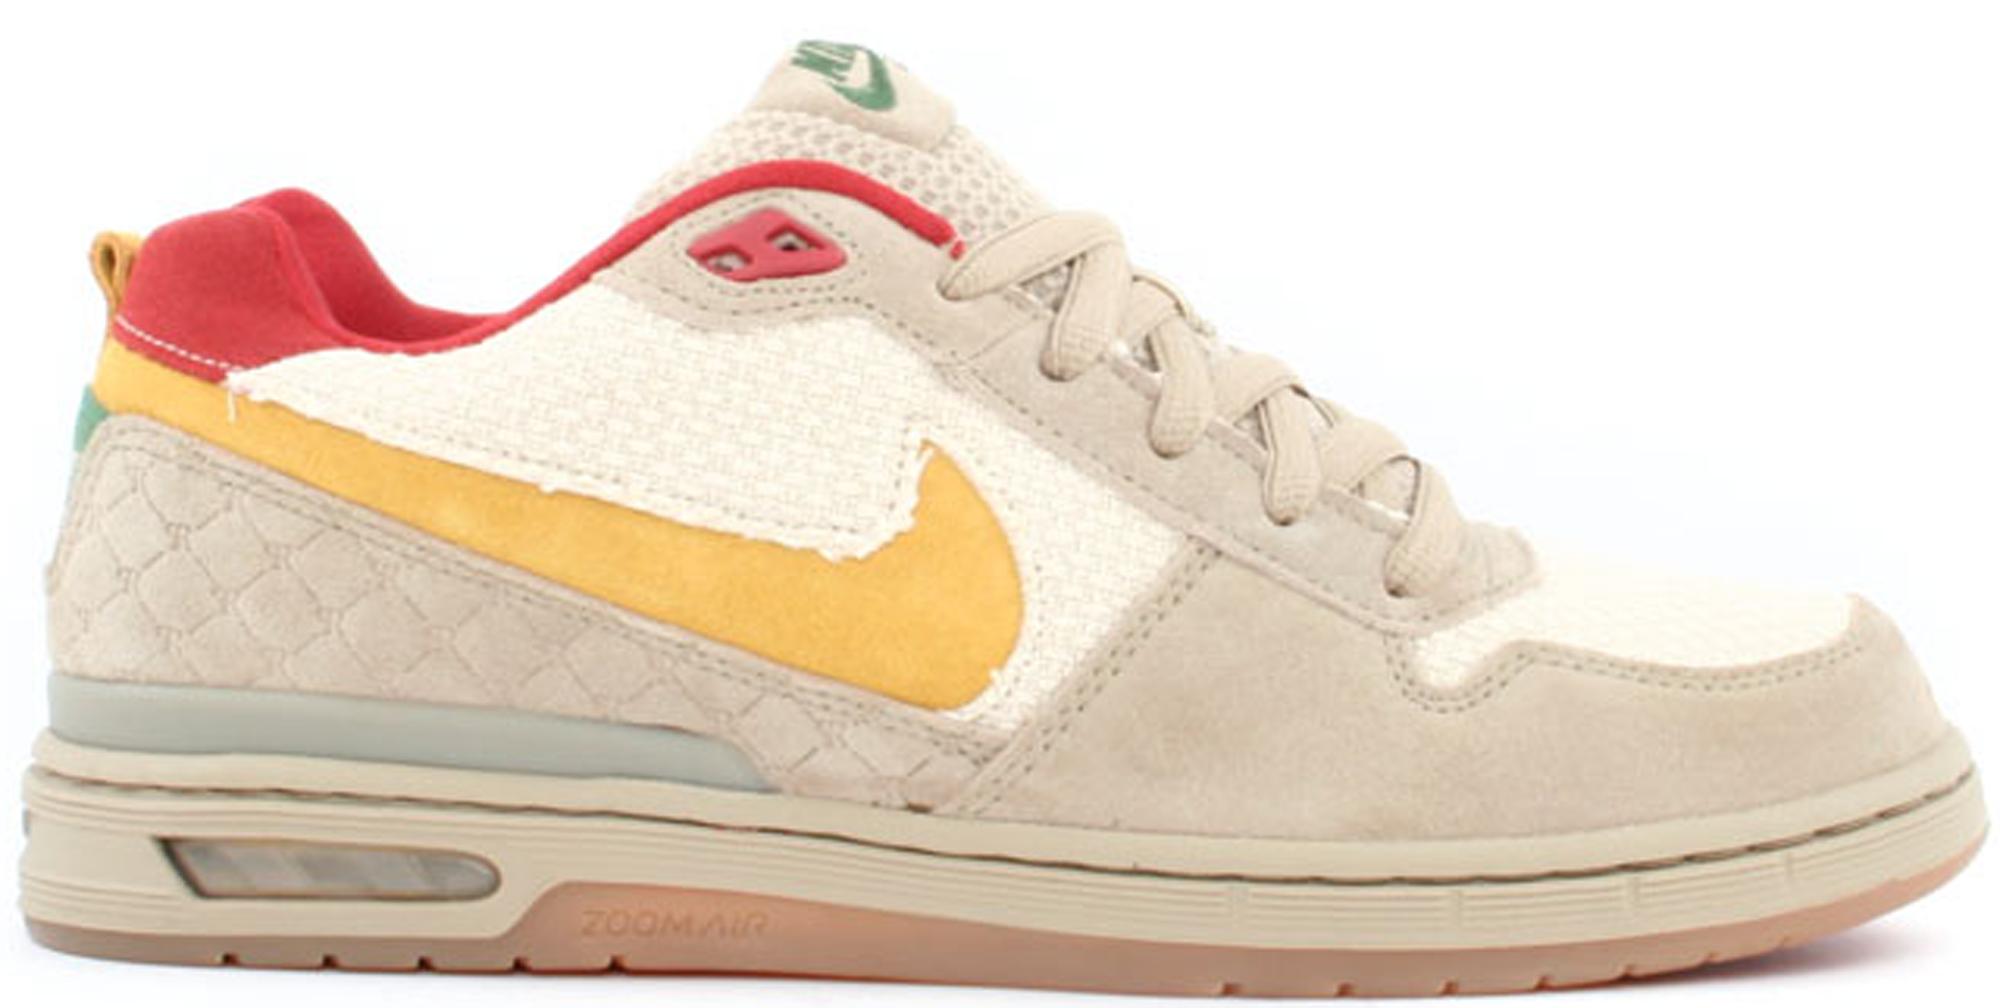 Nike SB Paul Rodriguez Hemp - 310802-271